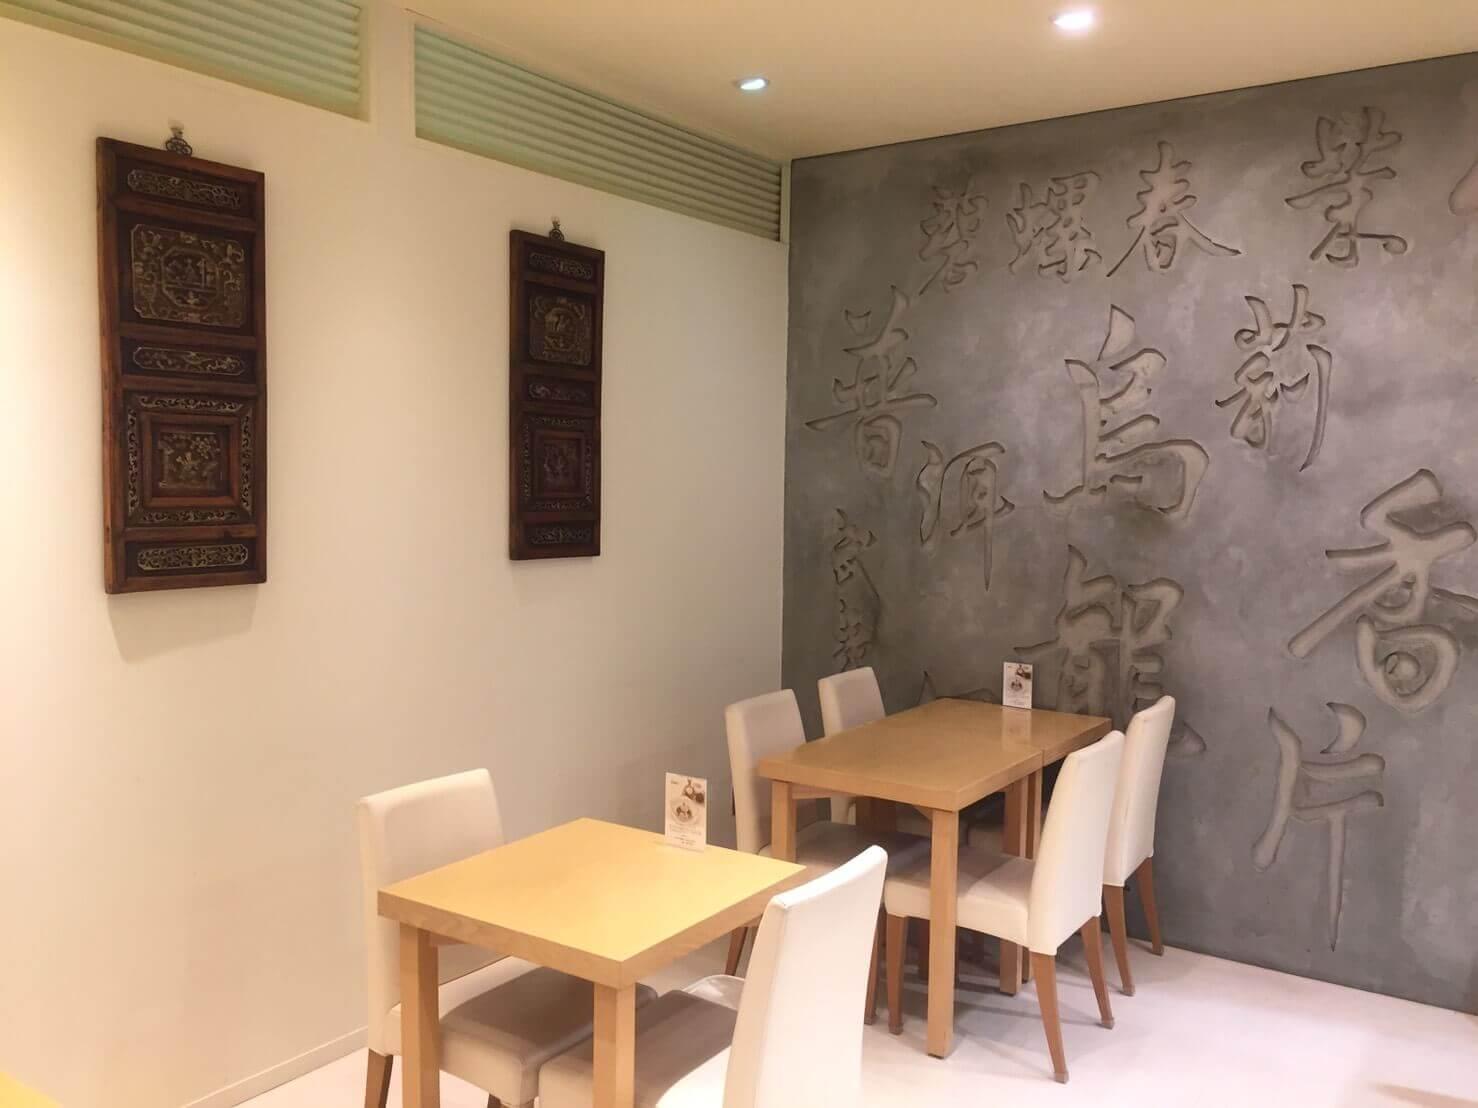 茶語(Cha Yū) CHINA TEA HOUSE 大丸札幌店の内観